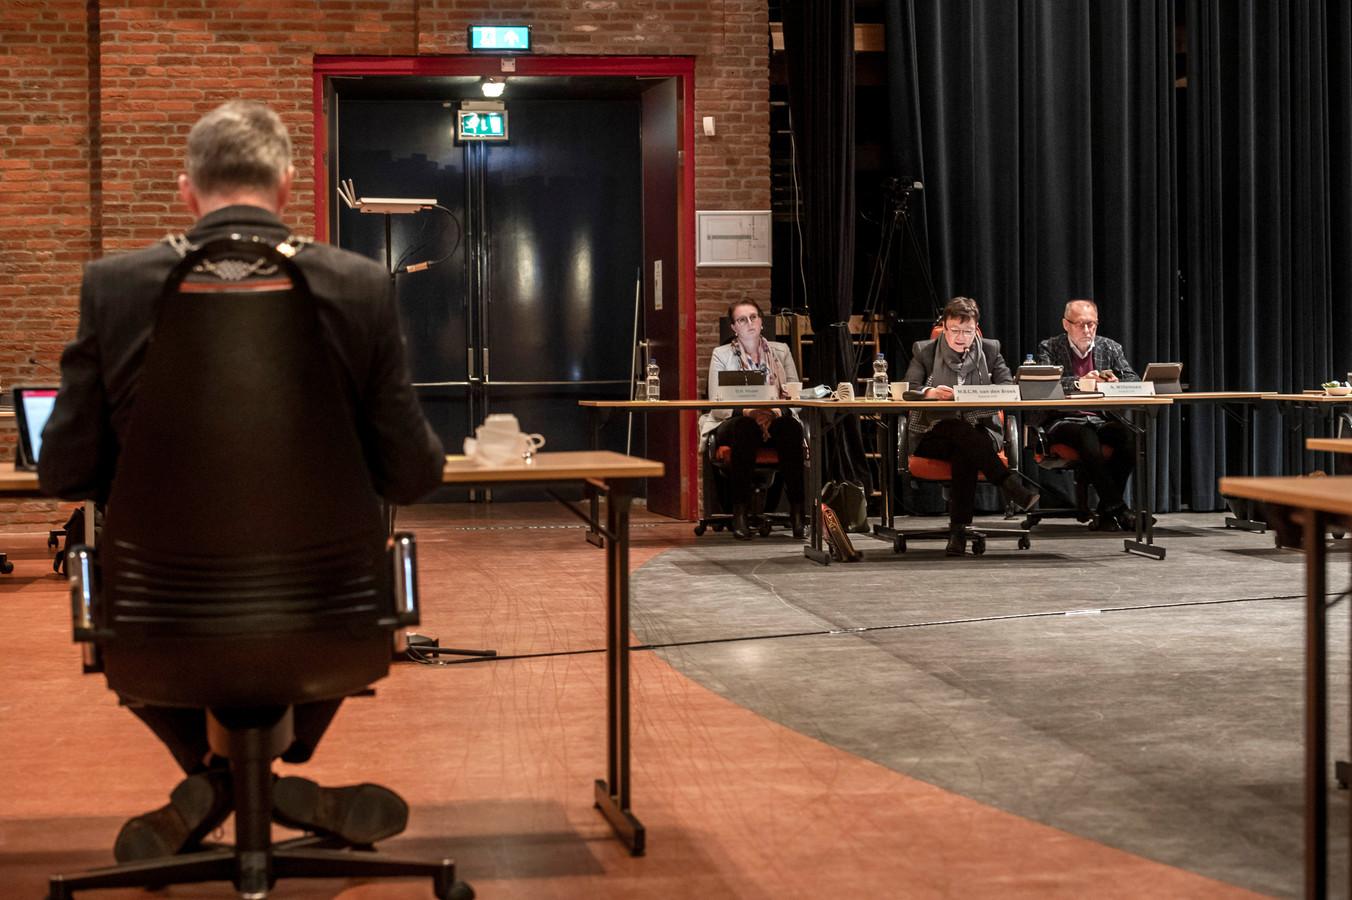 Gemeenteraadsleden in oktober tegenover burgemeester André Baars, vlak voordat die zijn opstappen bekend maakt.